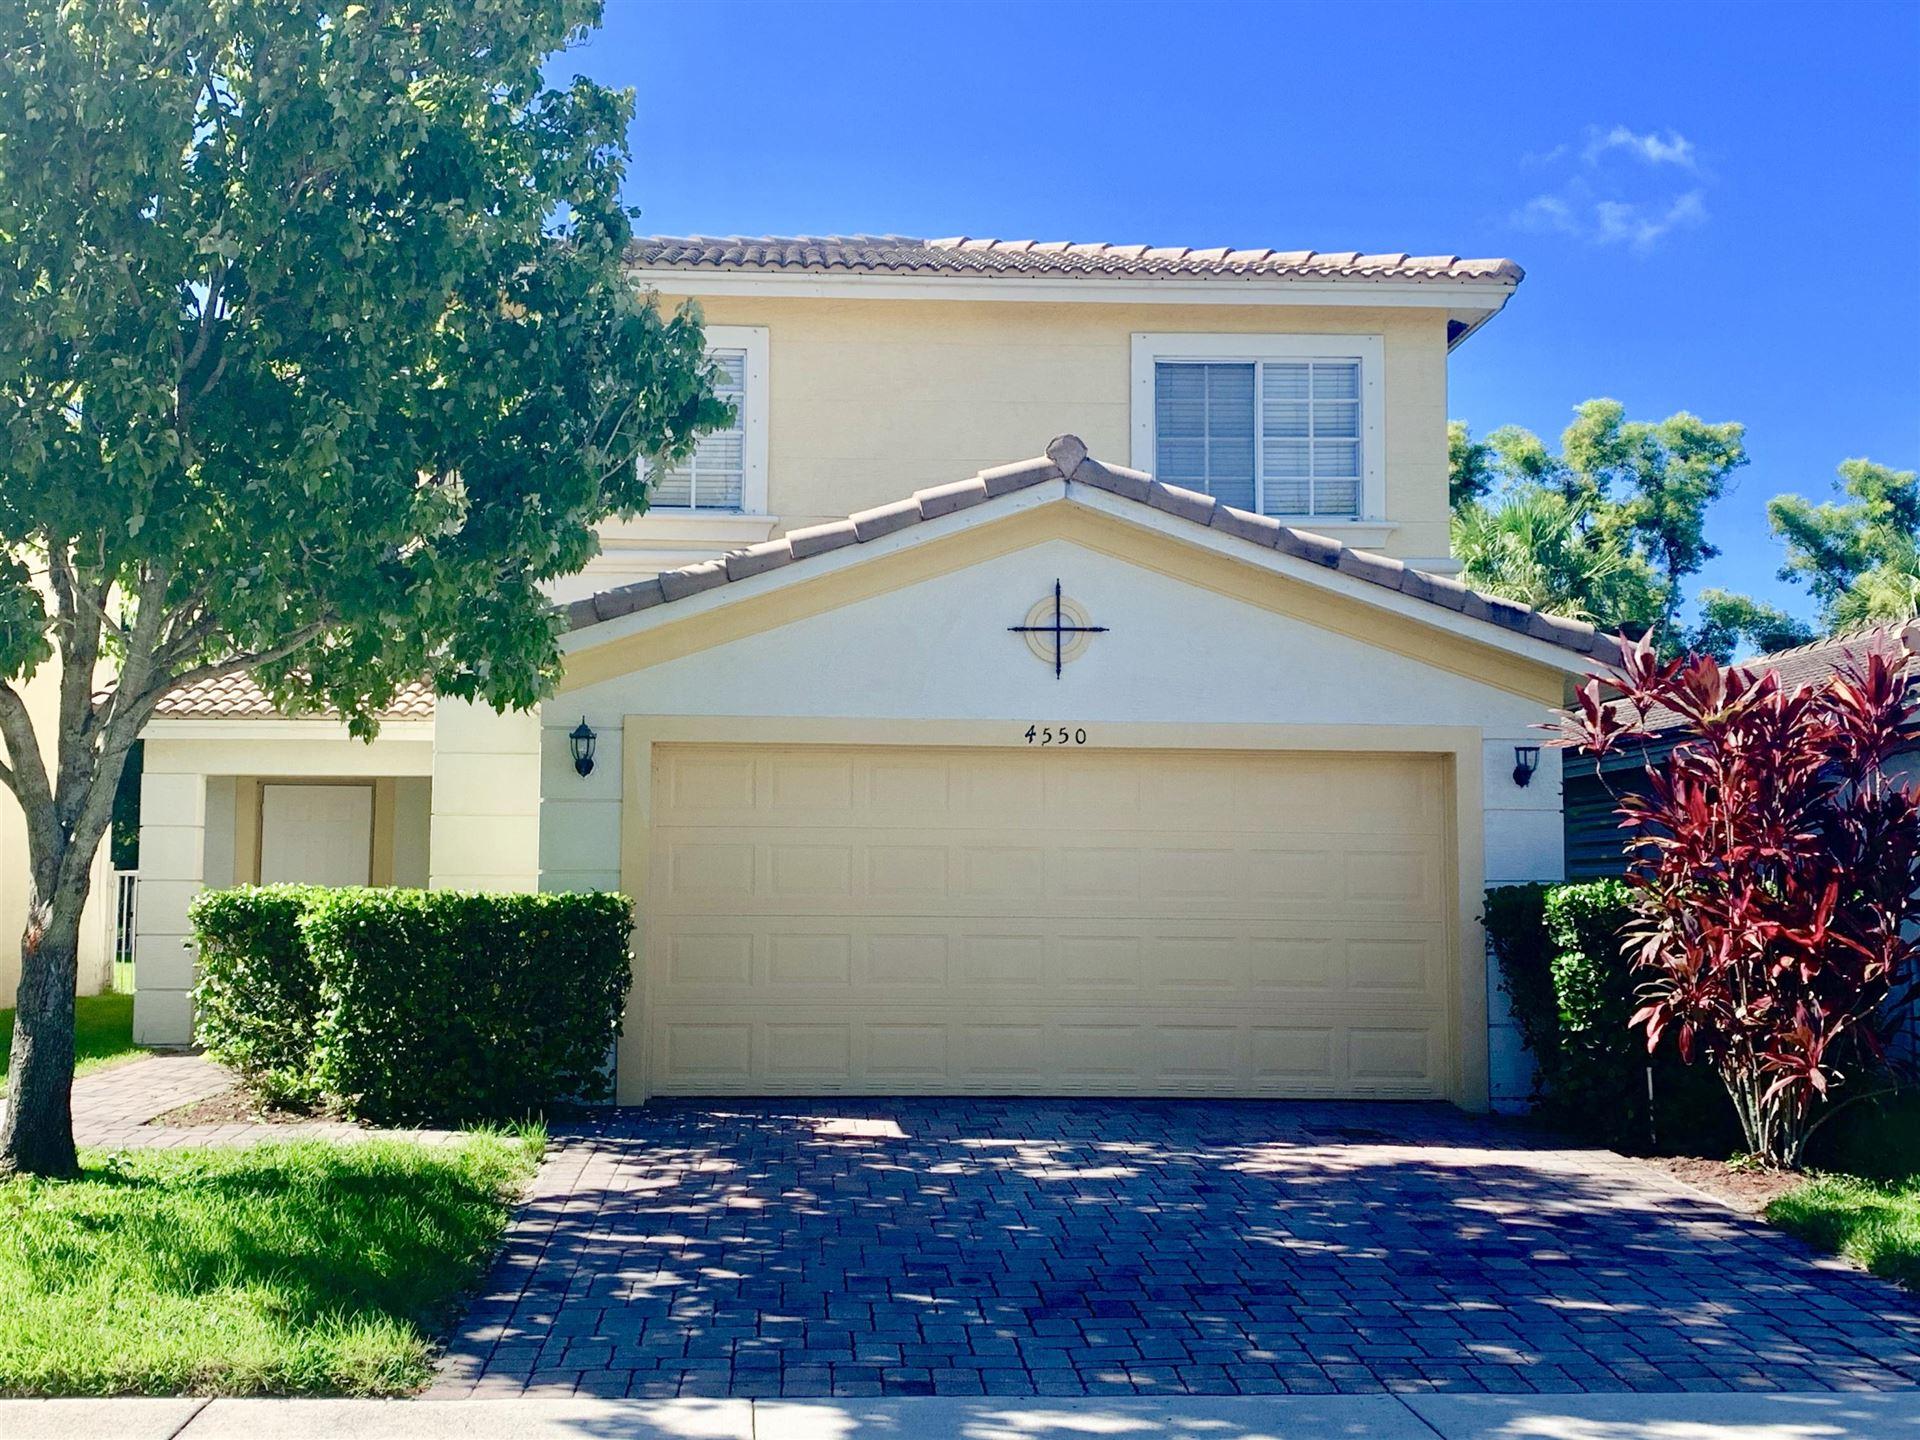 4550 SE Graham Drive, Stuart, FL 34997 - #: RX-10638821